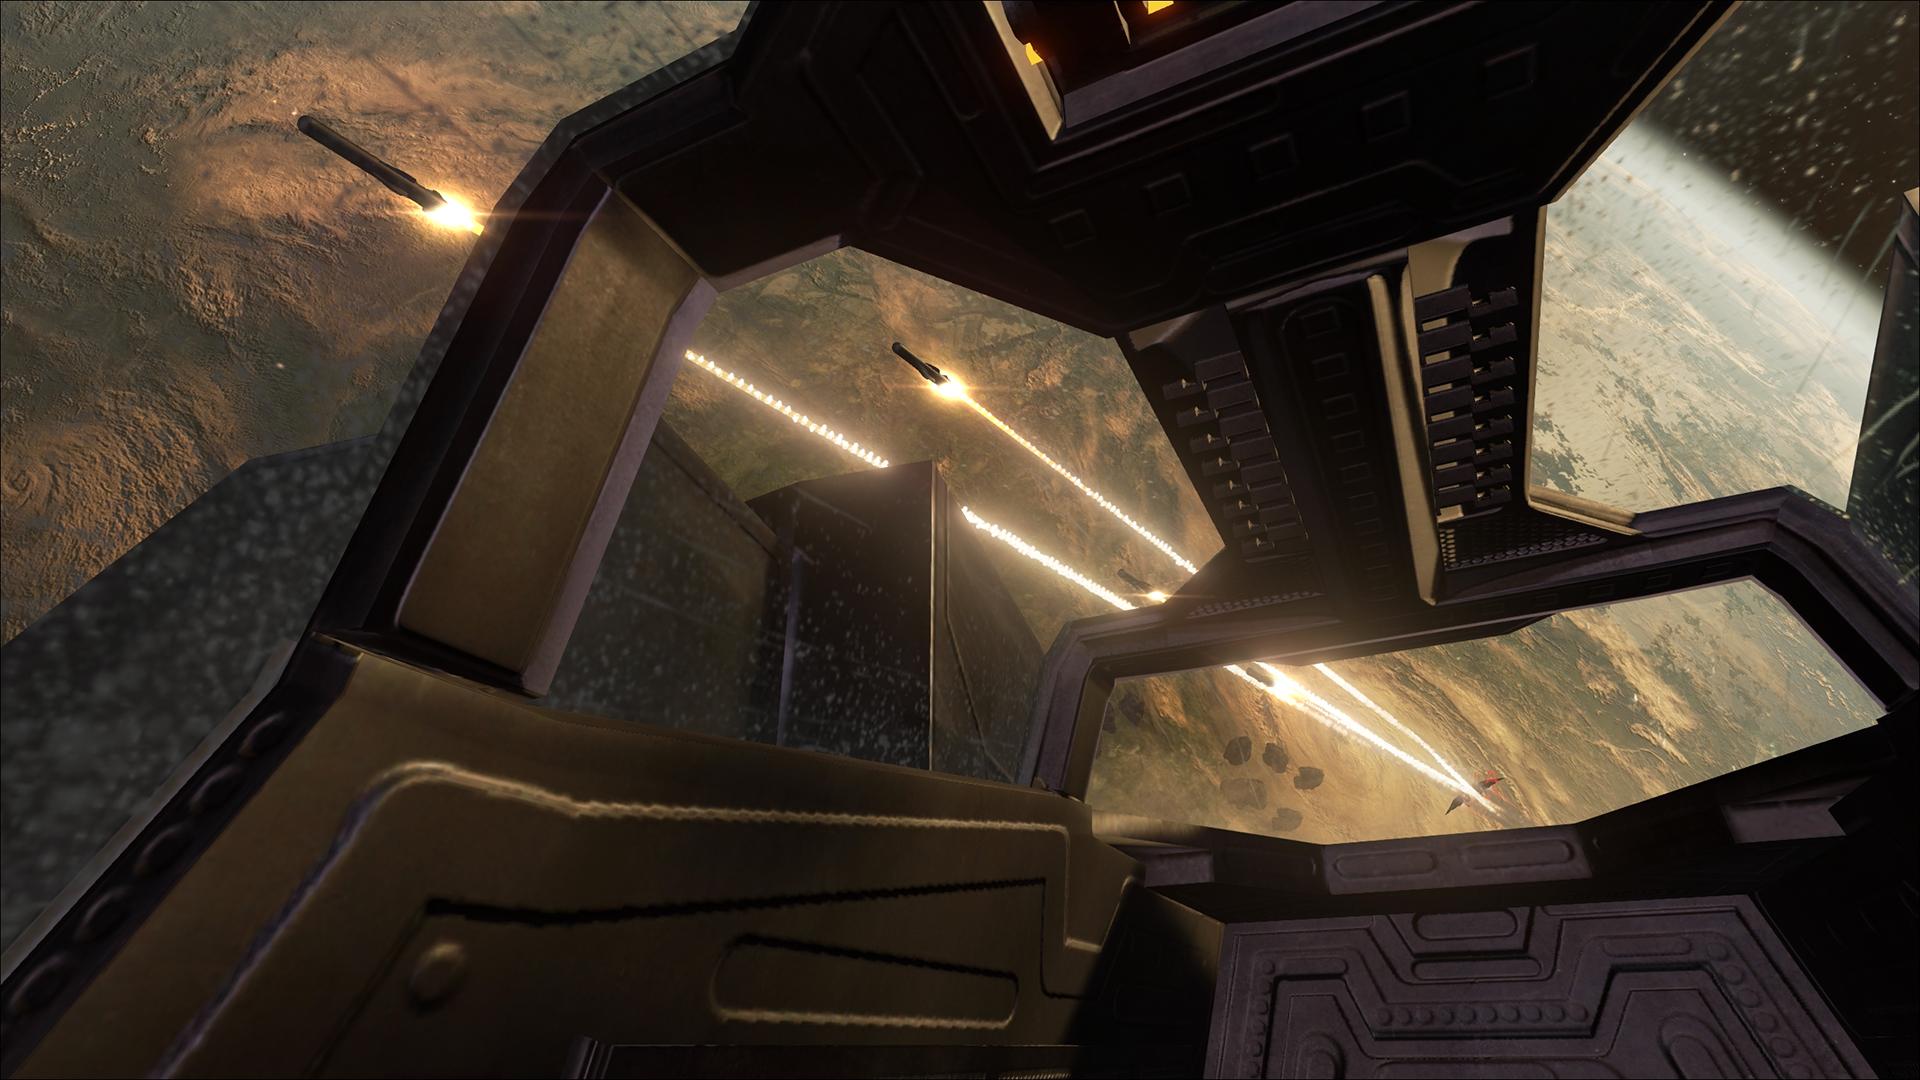 Det blir virtuell romskipsaction i EVE: Valkyrie.